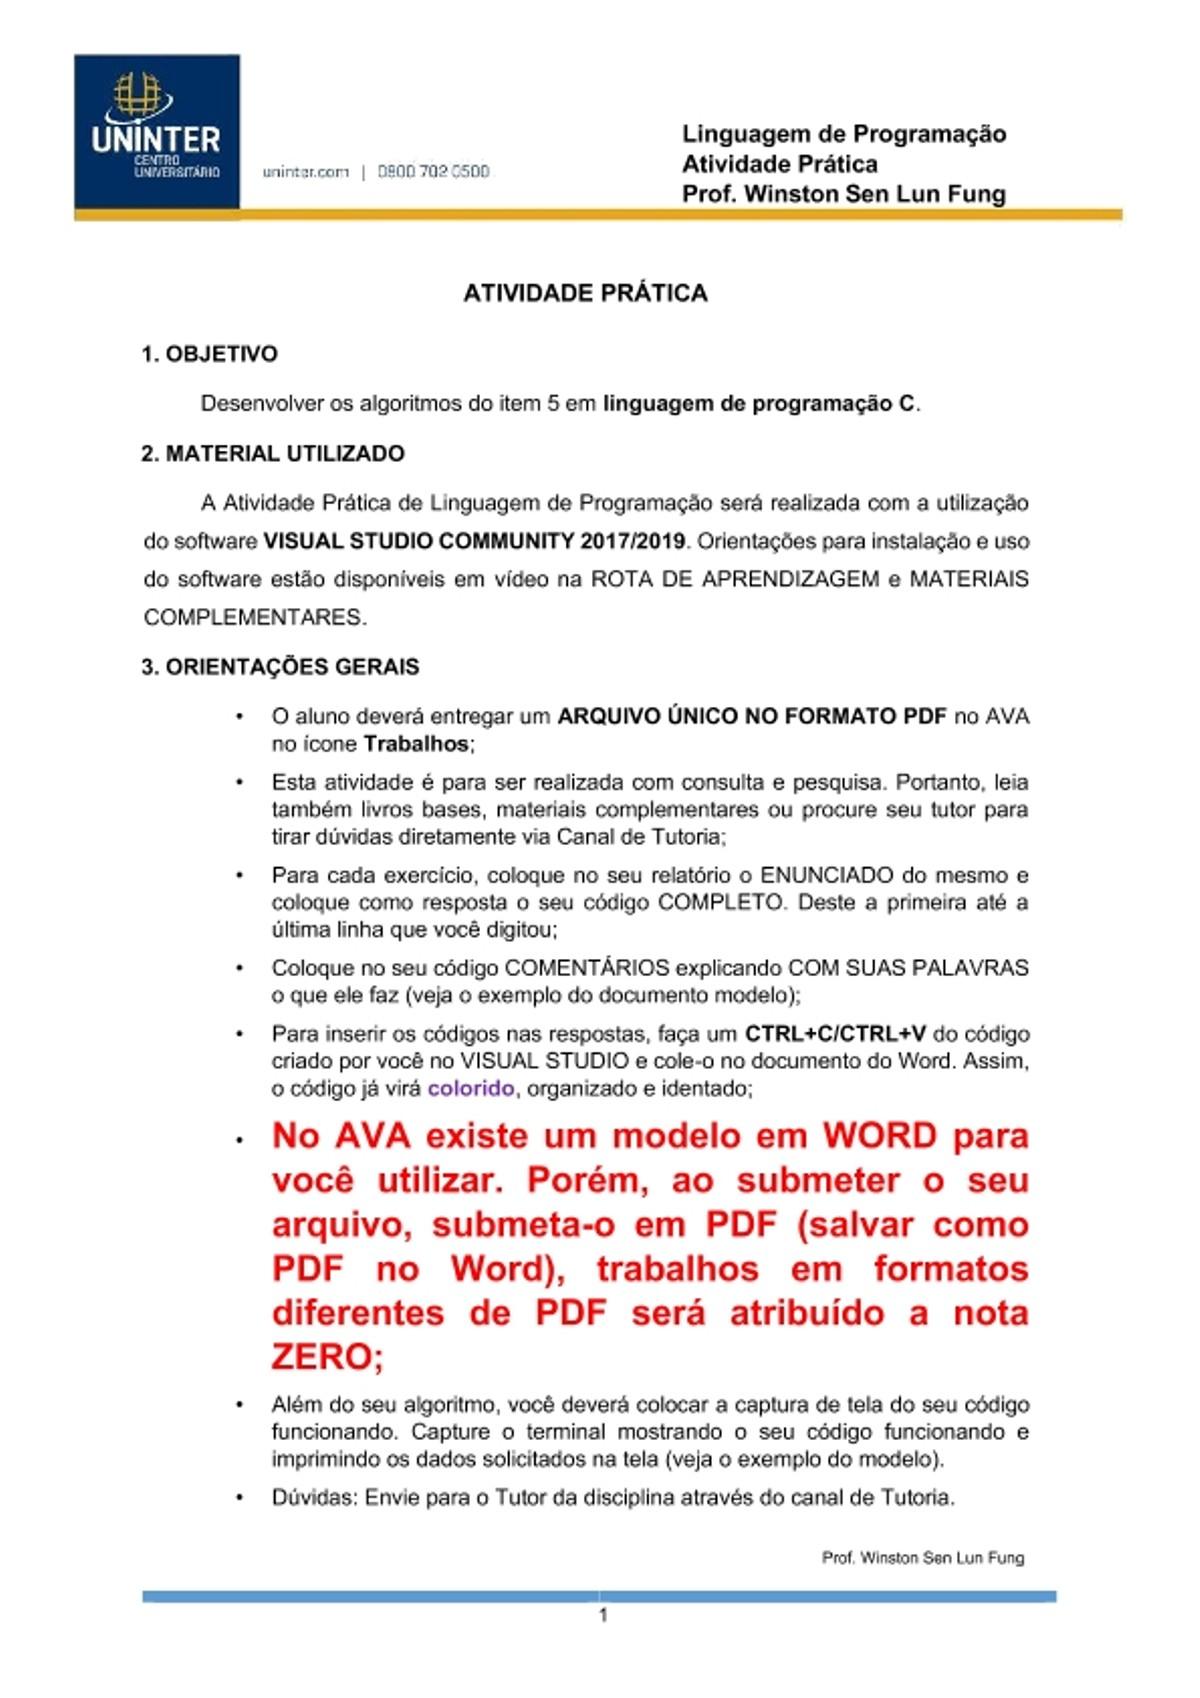 Pre-visualização do material ATIVIDADE PRATICA - UNINTER 2020 - LINGUAGEM DE PROGRAMAÇÃO - página 1